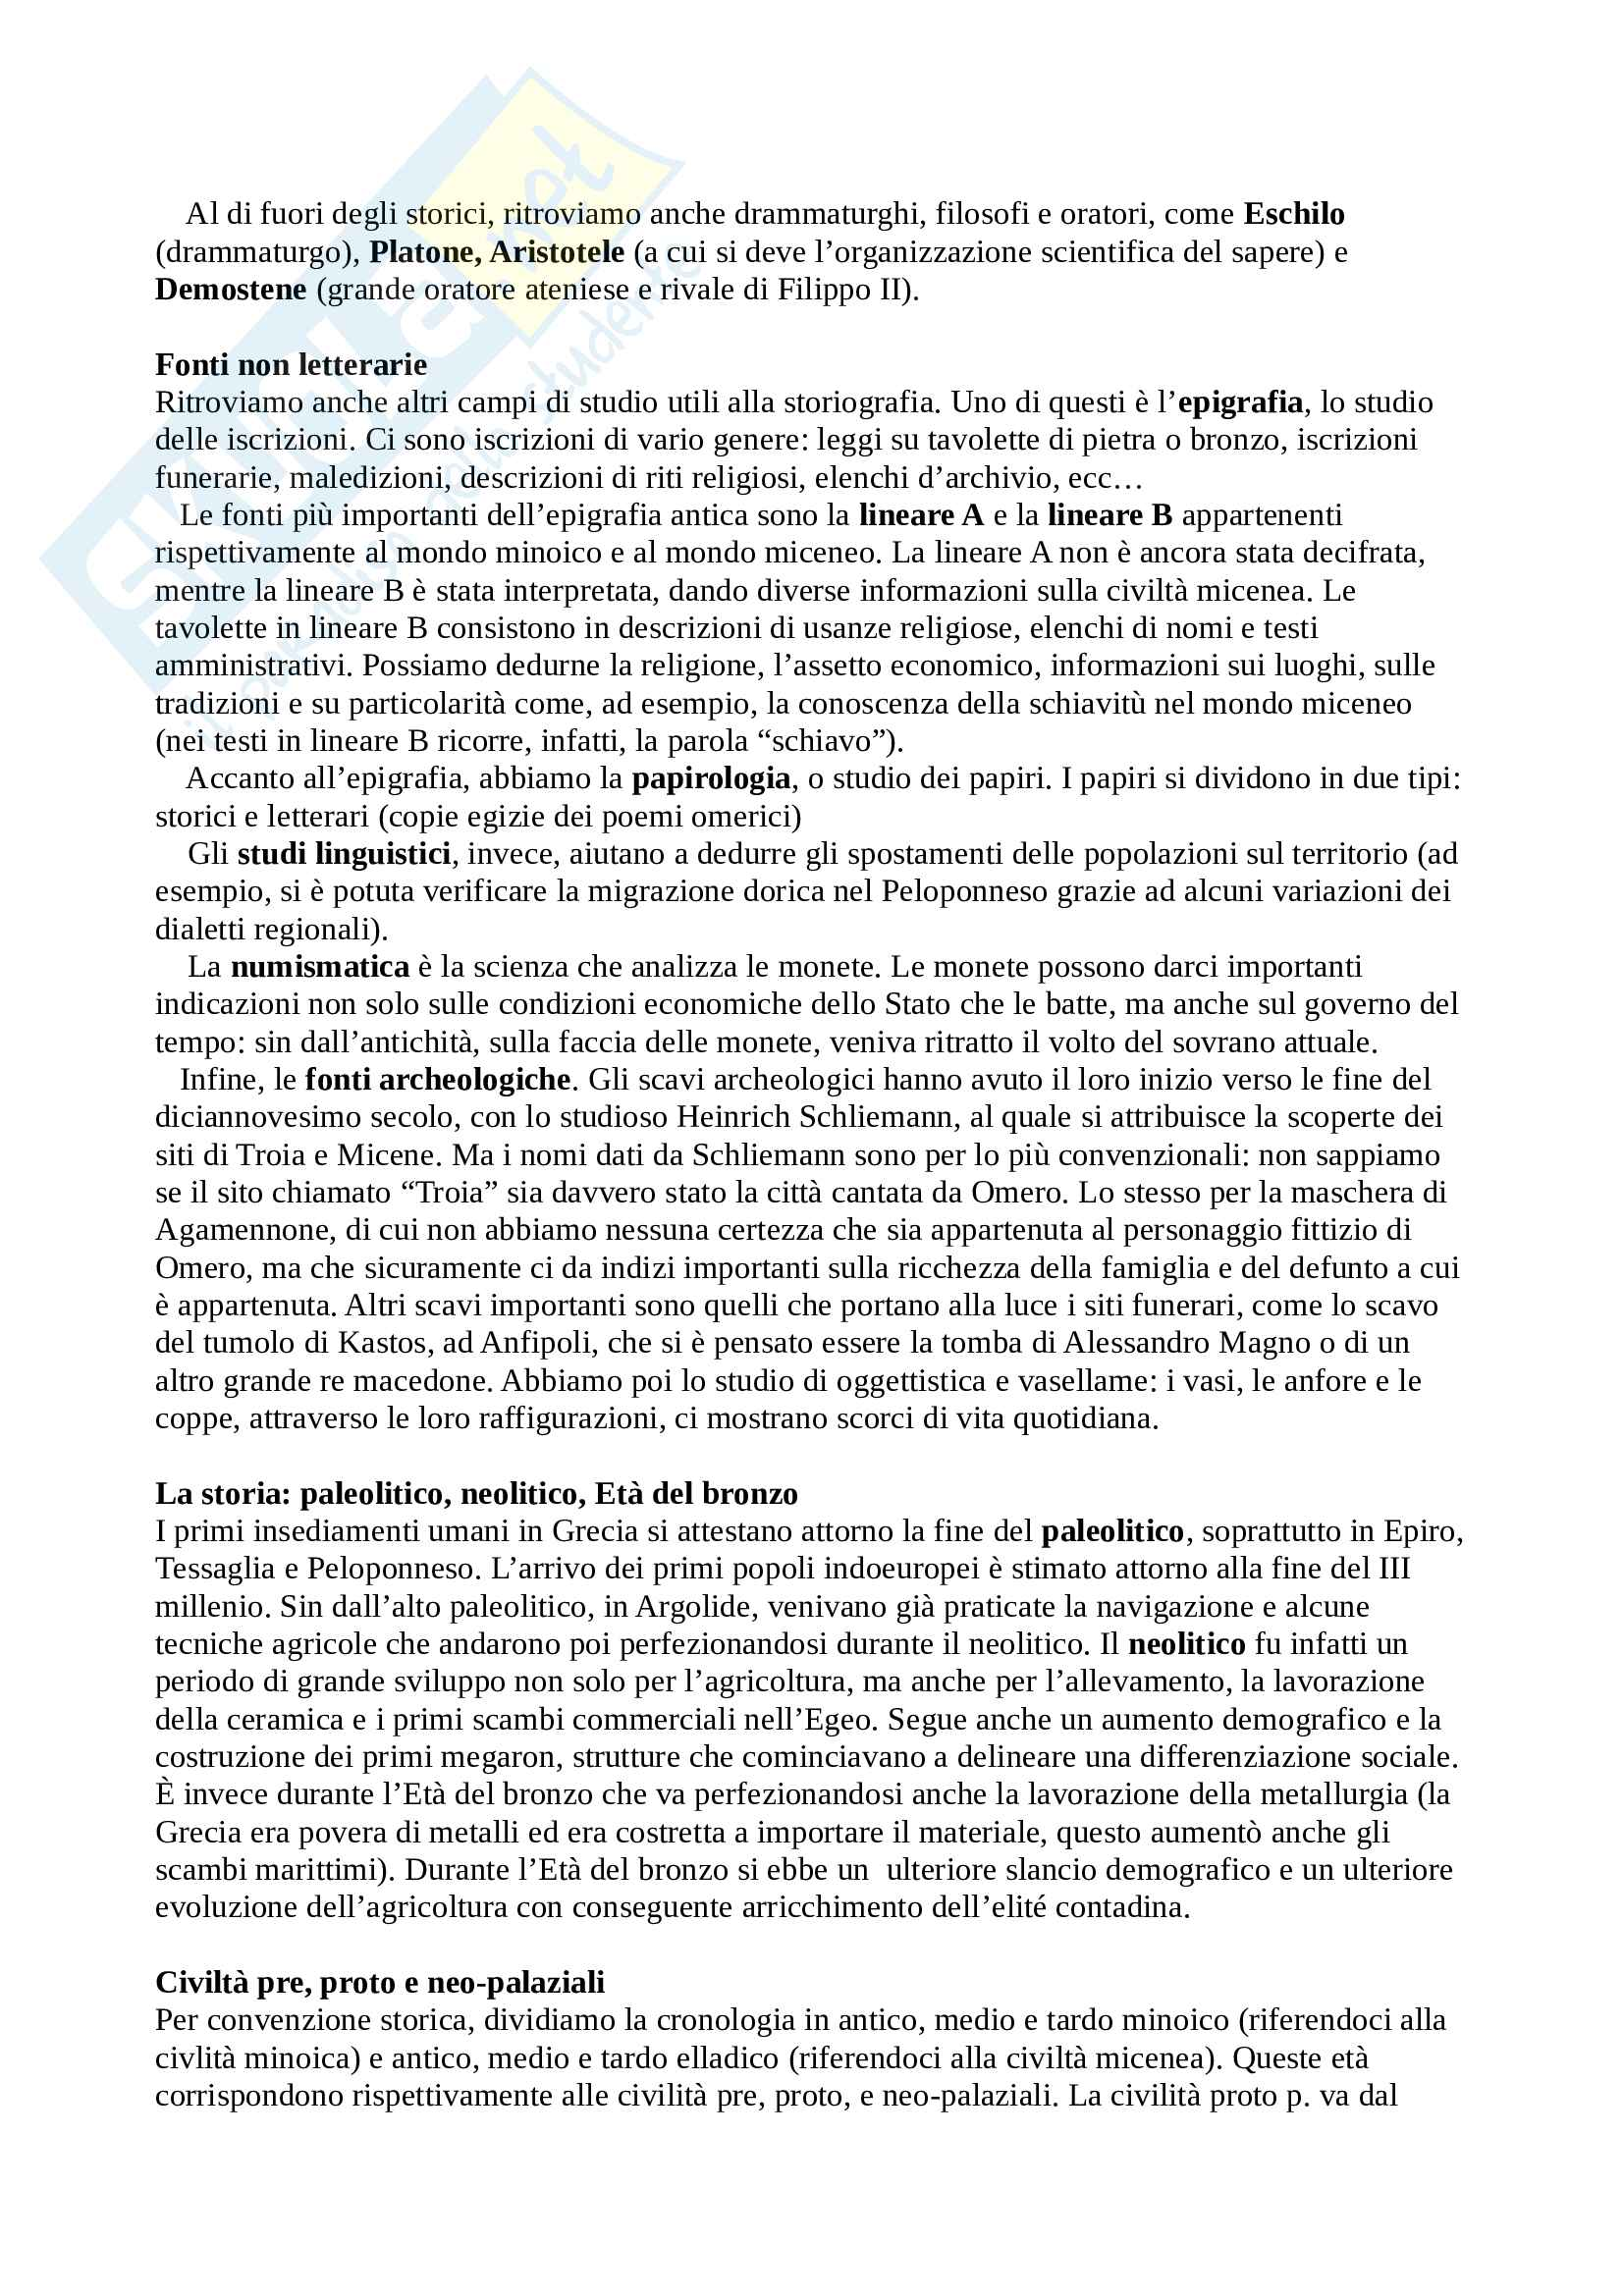 Dal paleolitico ad Alessandro Magno - Storia greca Pag. 2